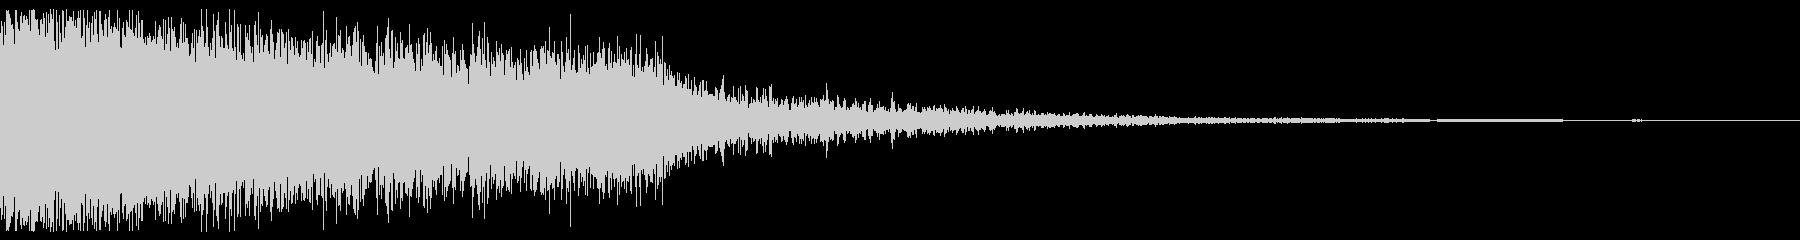 ゴジューーーン(魔法攻撃)の未再生の波形